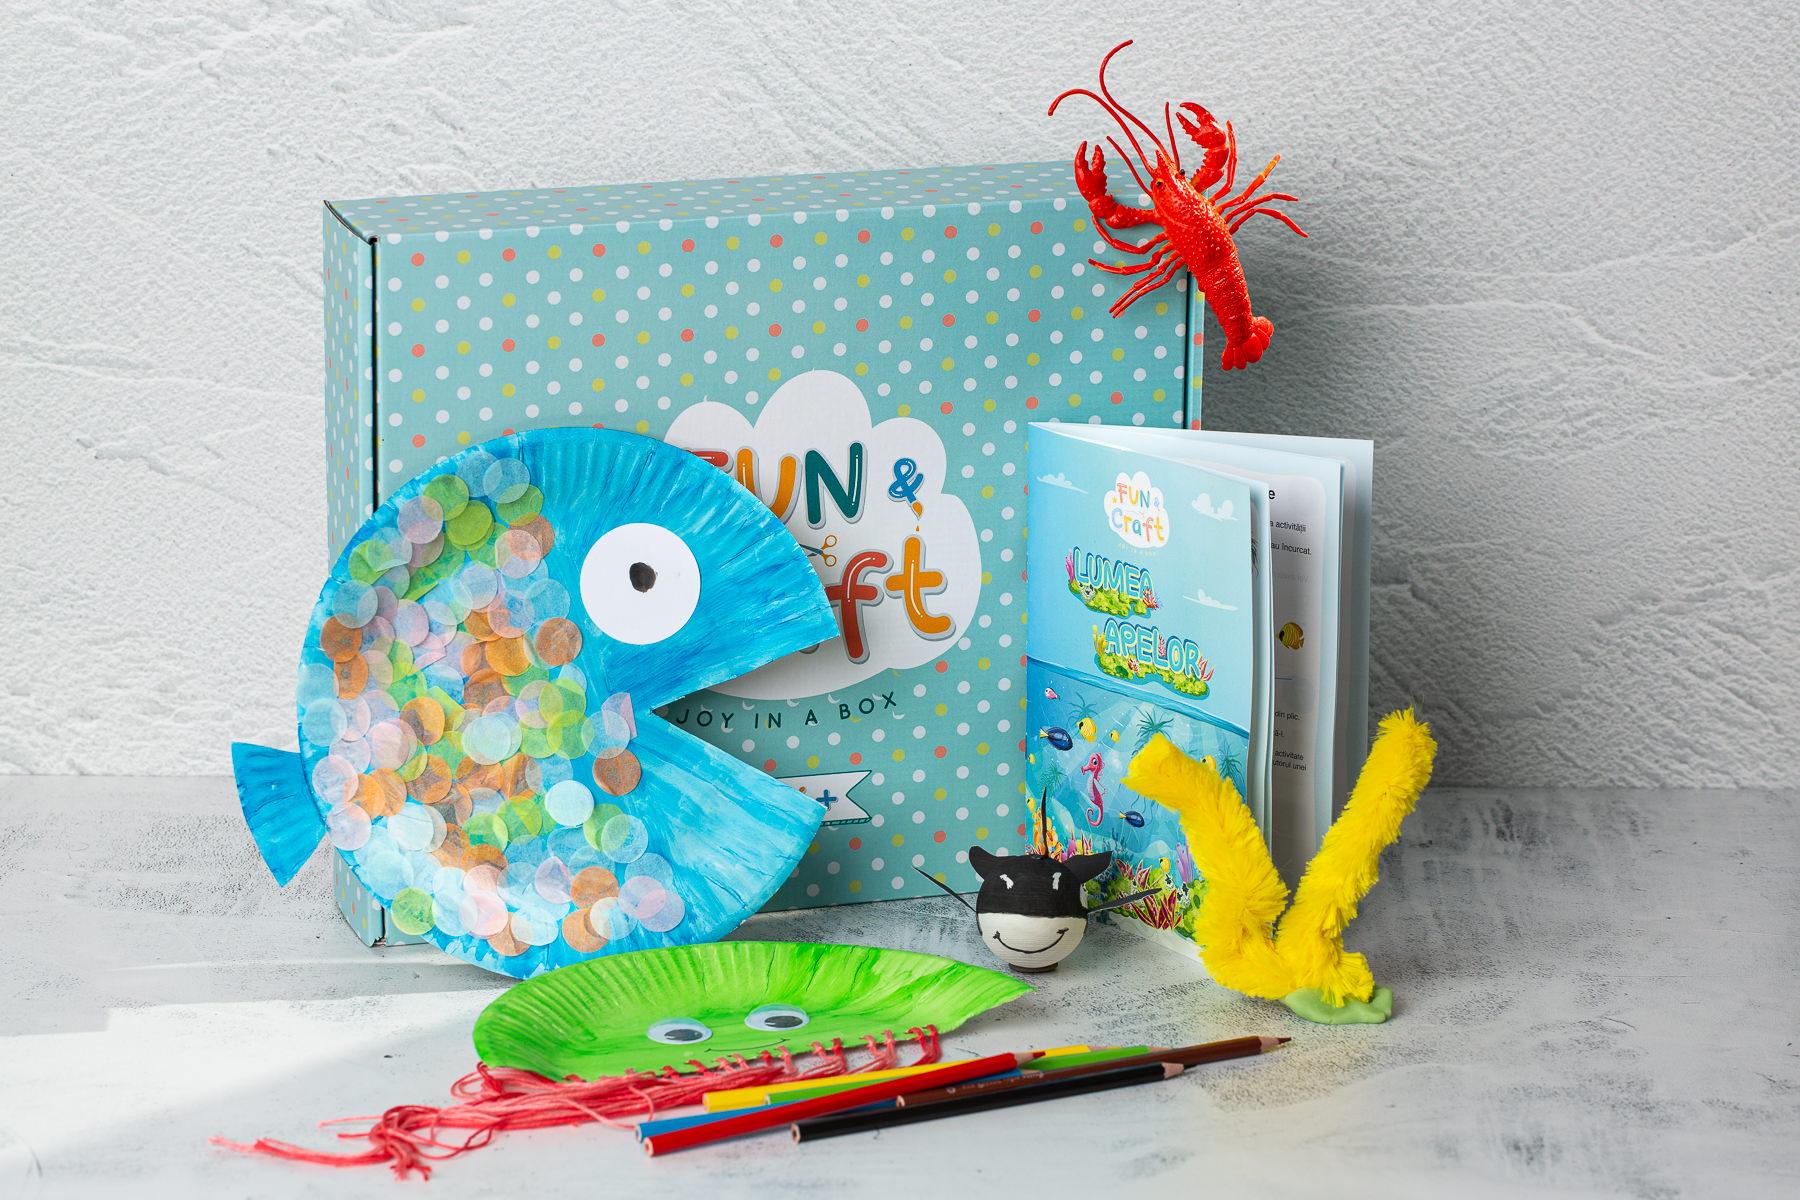 Fun&Craft Box